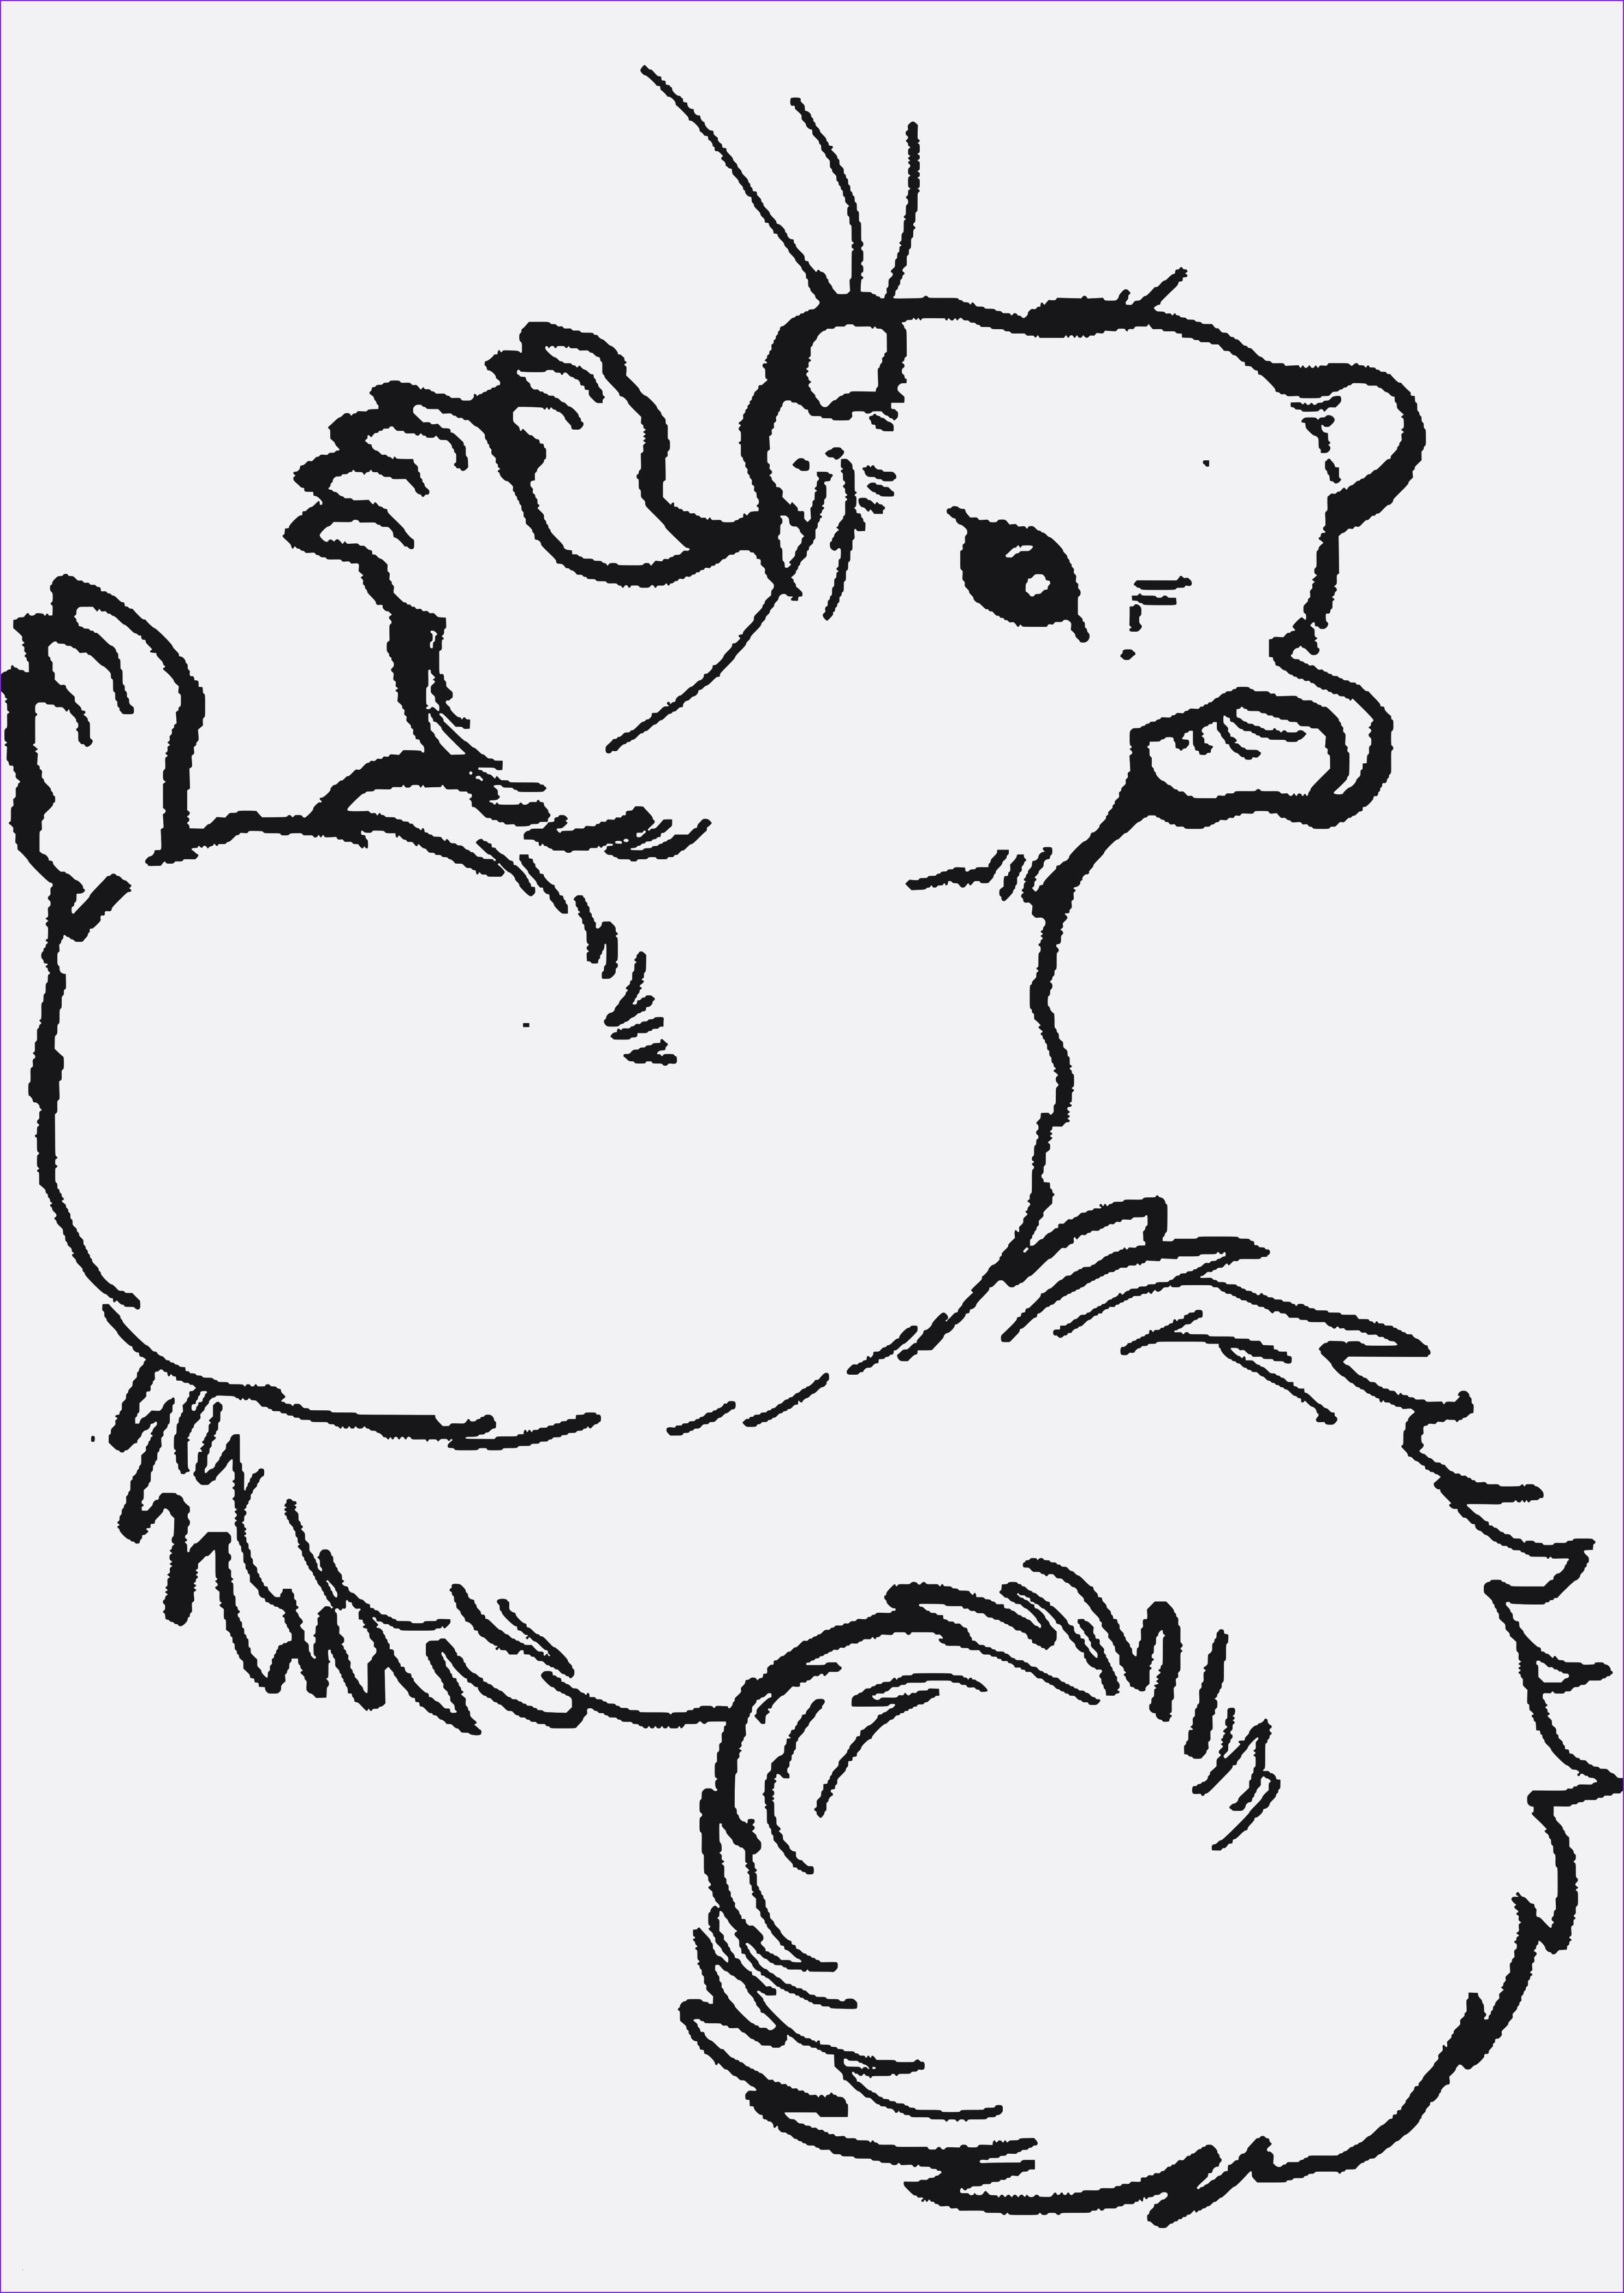 Minnie Maus Malvorlagen Das Beste Von 40 Mini Maus Ausmalbilder Scoredatscore Inspirierend Ausmalbilder Das Bild